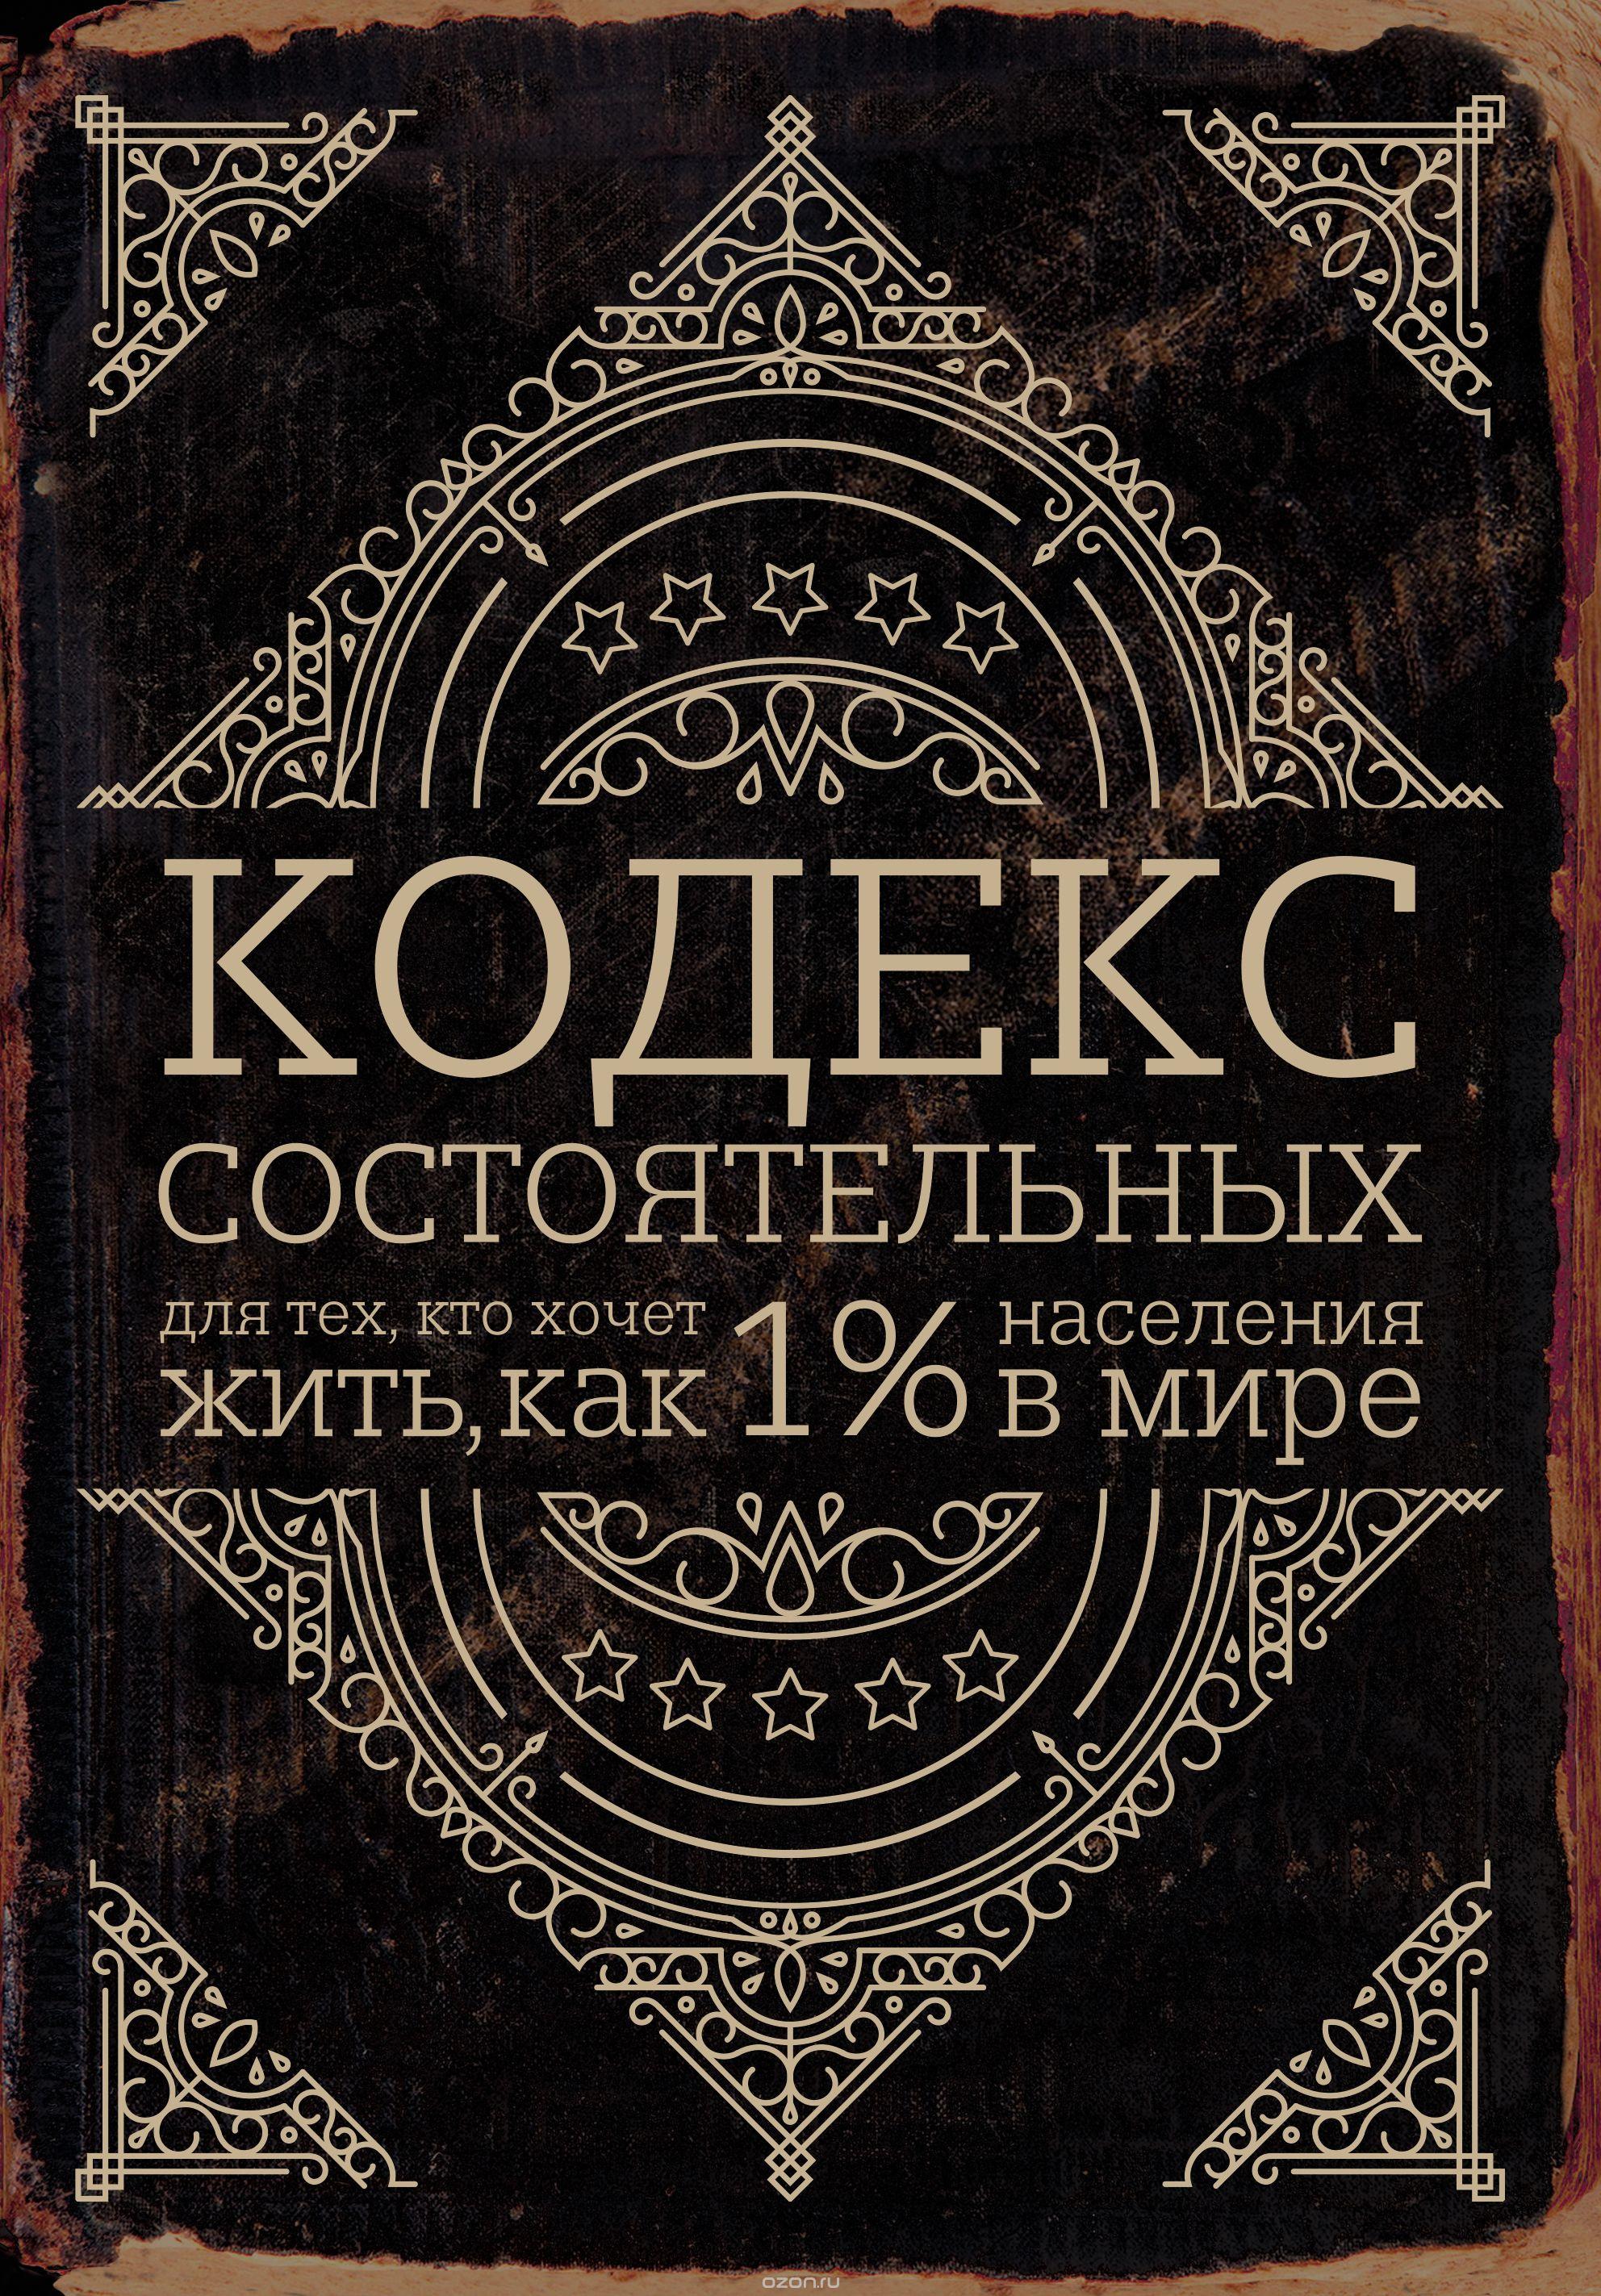 Кодекс богача.  Живи,  как 1% населения в мире